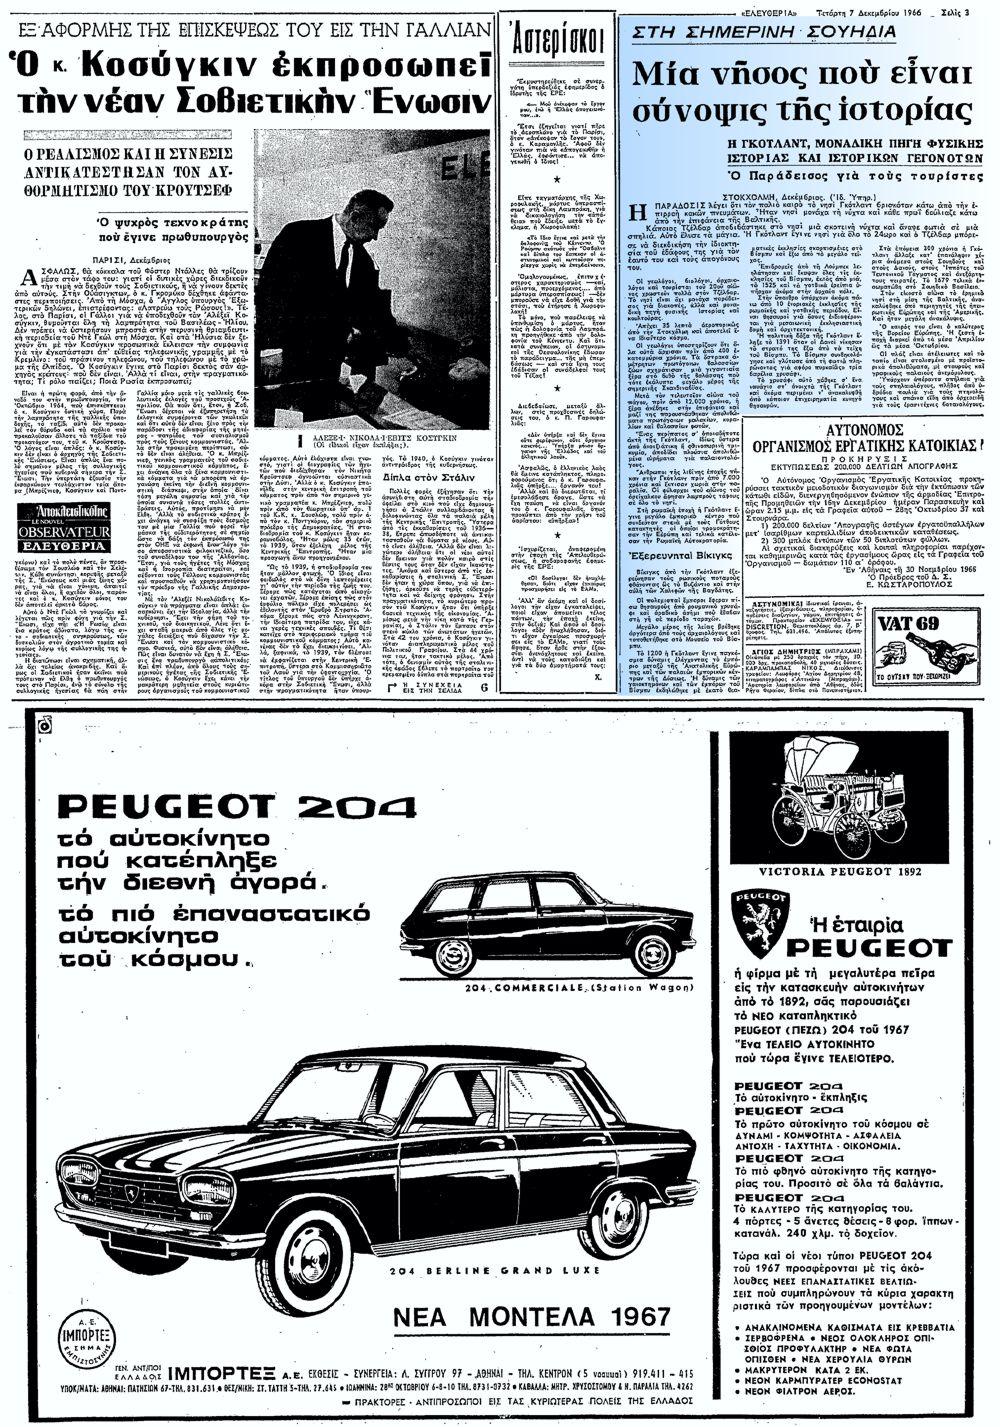 """Το άρθρο, όπως δημοσιεύθηκε στην εφημερίδα """"ΕΛΕΥΘΕΡΙΑ"""", στις 07/12/1966"""